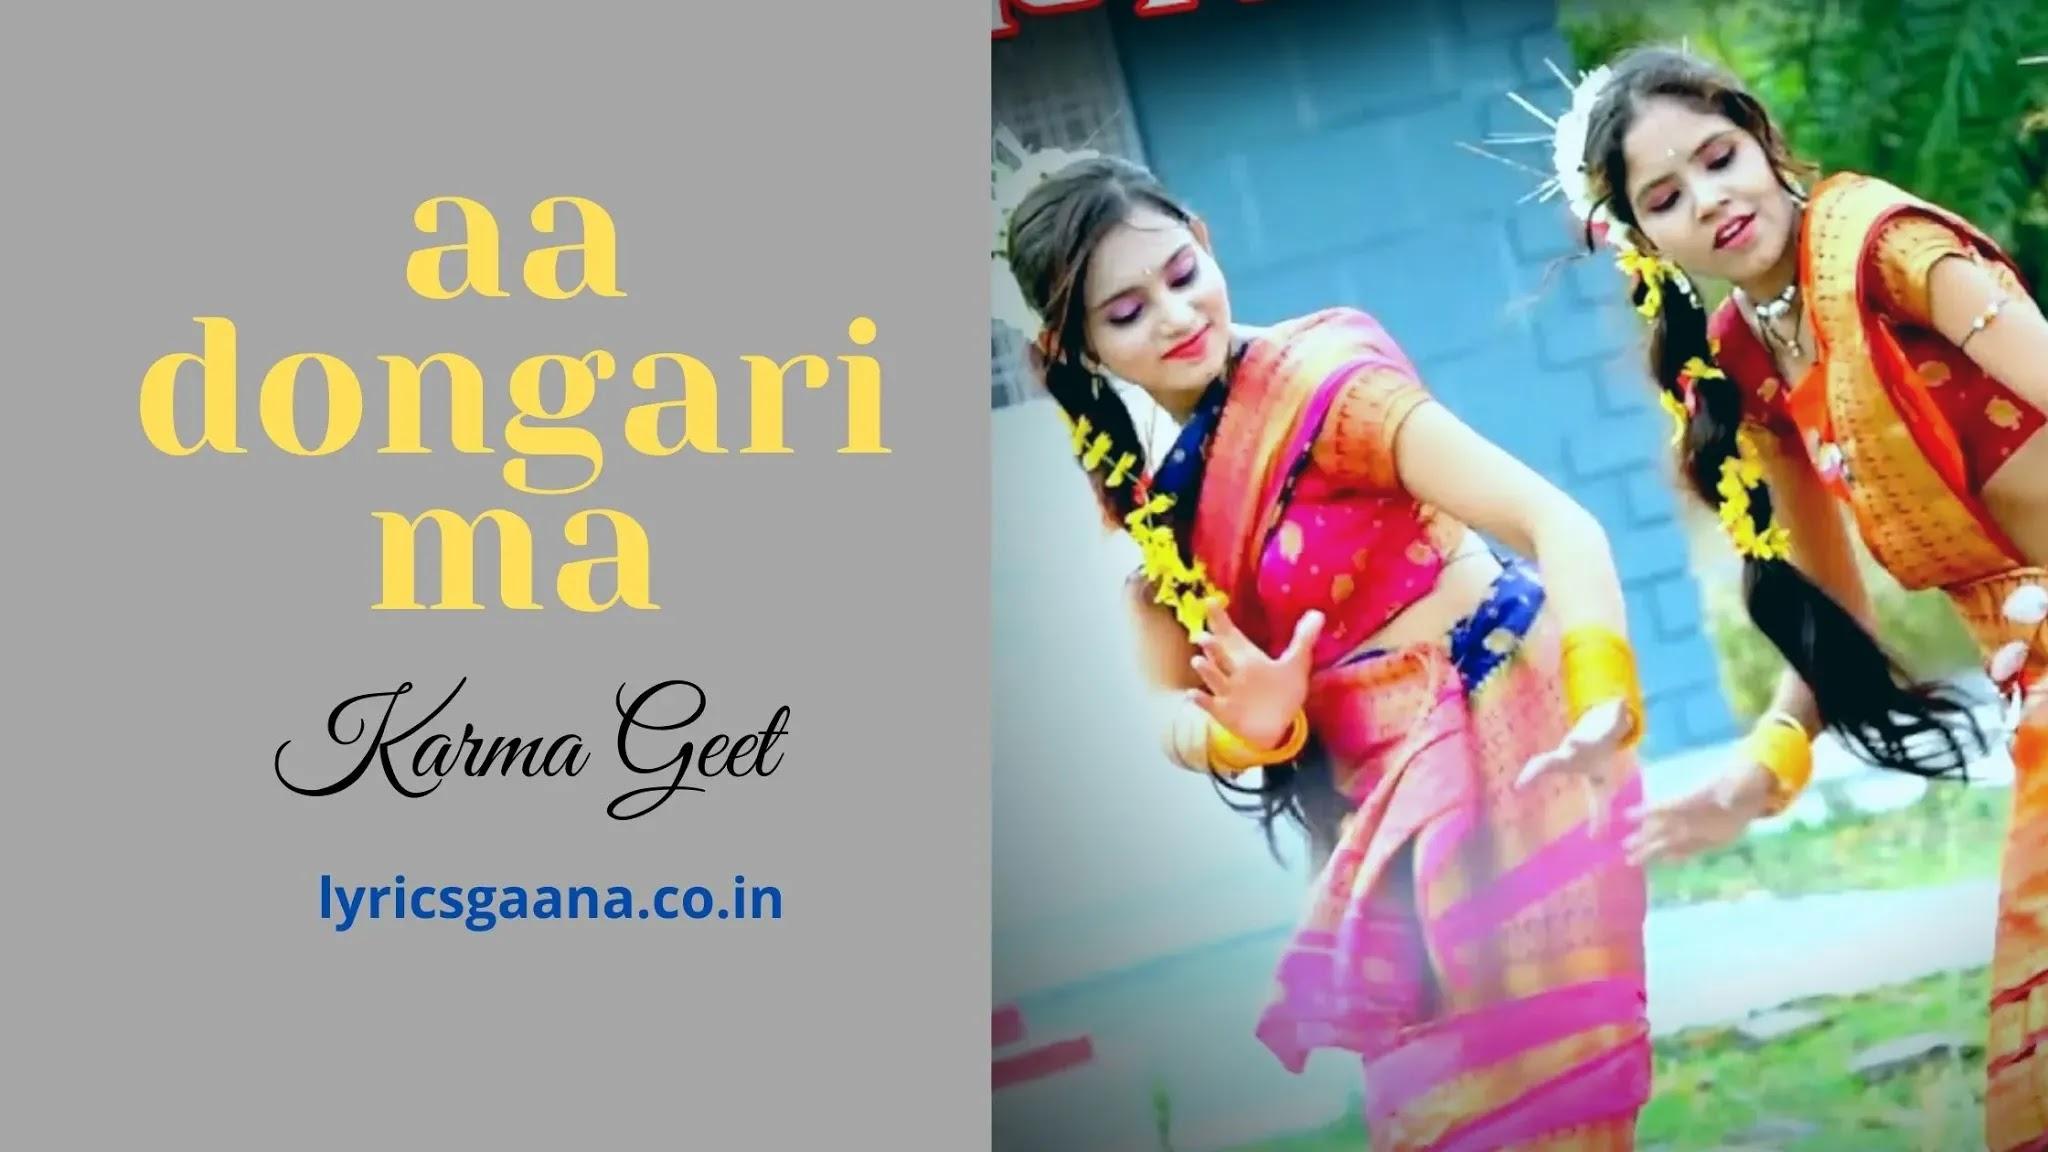 आ डोंगरी मा करमा गीत Aa Dongari Ma Cg Song Lyrics & mp3